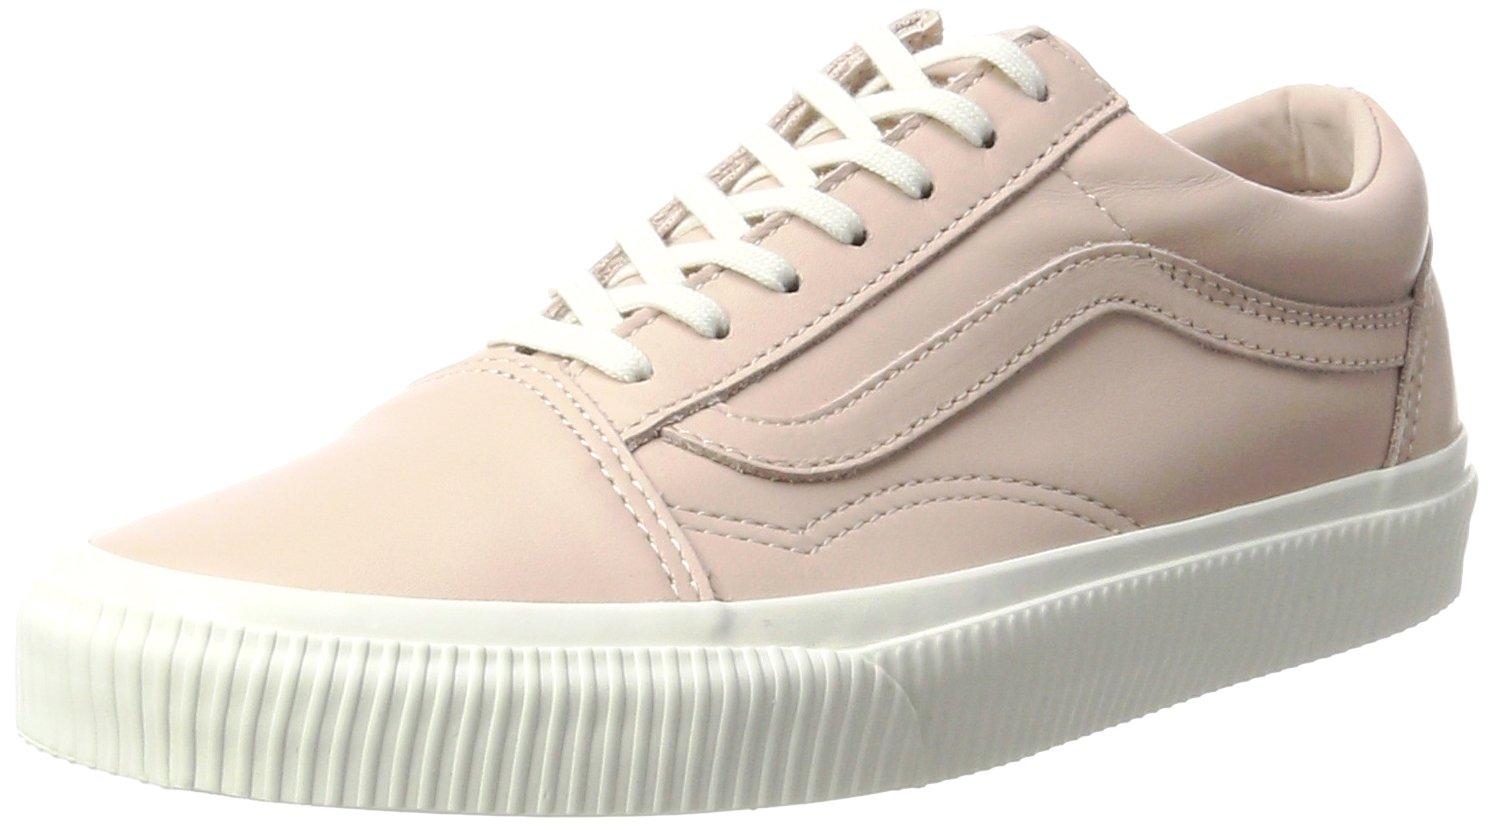 Vans Women's Old Skool Trainers, Pink(Sepia Rose/Blanc De Blanc(Embossed Sidewall)), 5 UK 38 EU